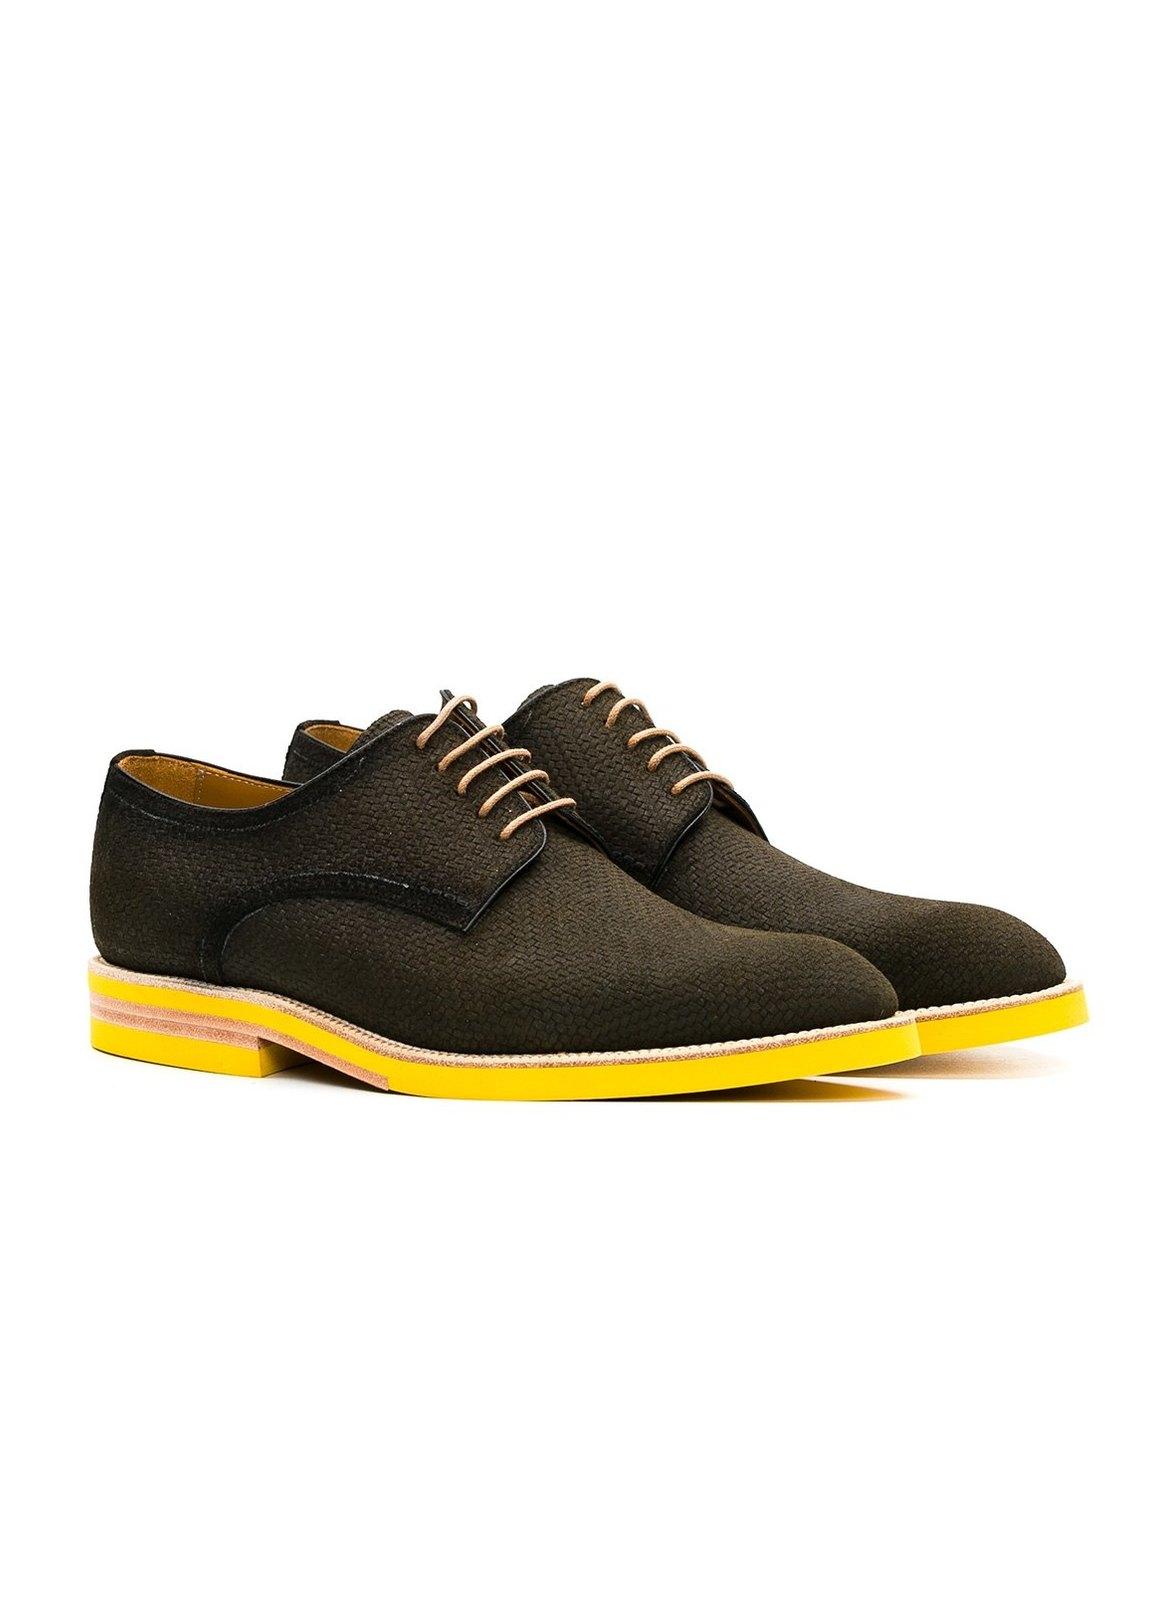 Calzado Sport Wear color kaki, 100% Serraje. - Ítem3